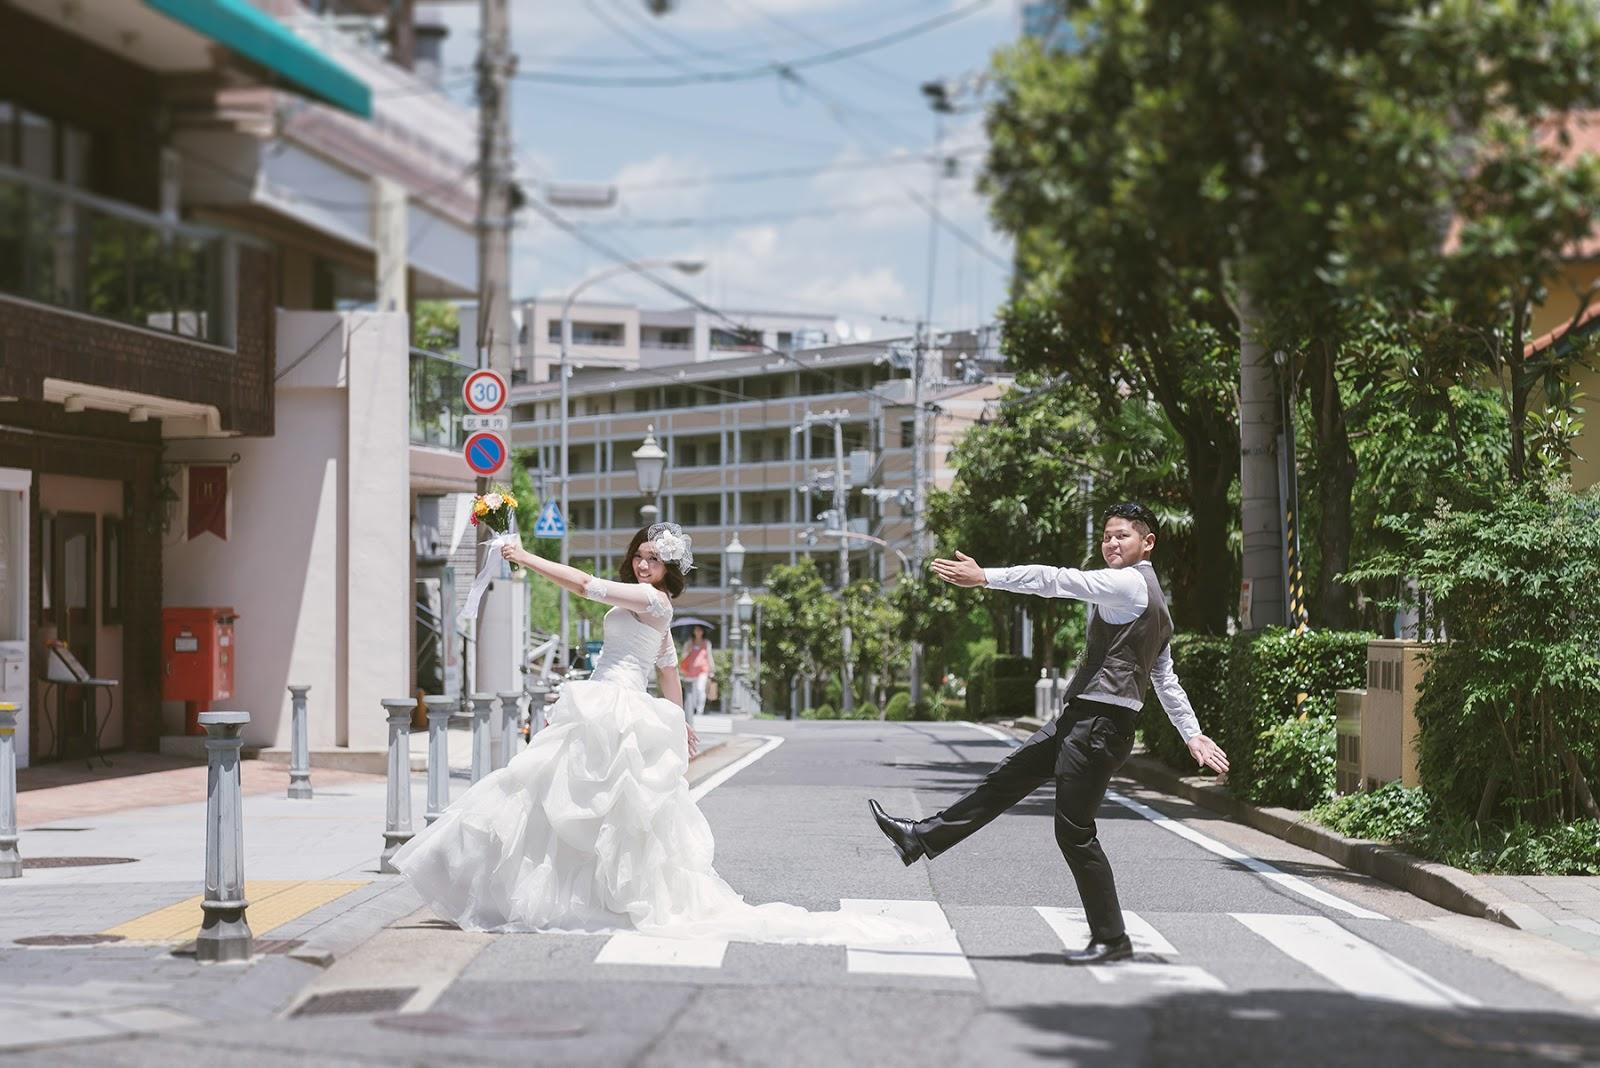 日本婚紗, 伏見, 宇治, 自主婚紗, 自助旅行, 自助旅遊, 自助婚紗, 京都婚紗, 奈良, 派大楊, 海外婚紗, 婚攝, 嵐山, 蜜月婚紗, 關西旅遊, over-sea, Pre-wedding,